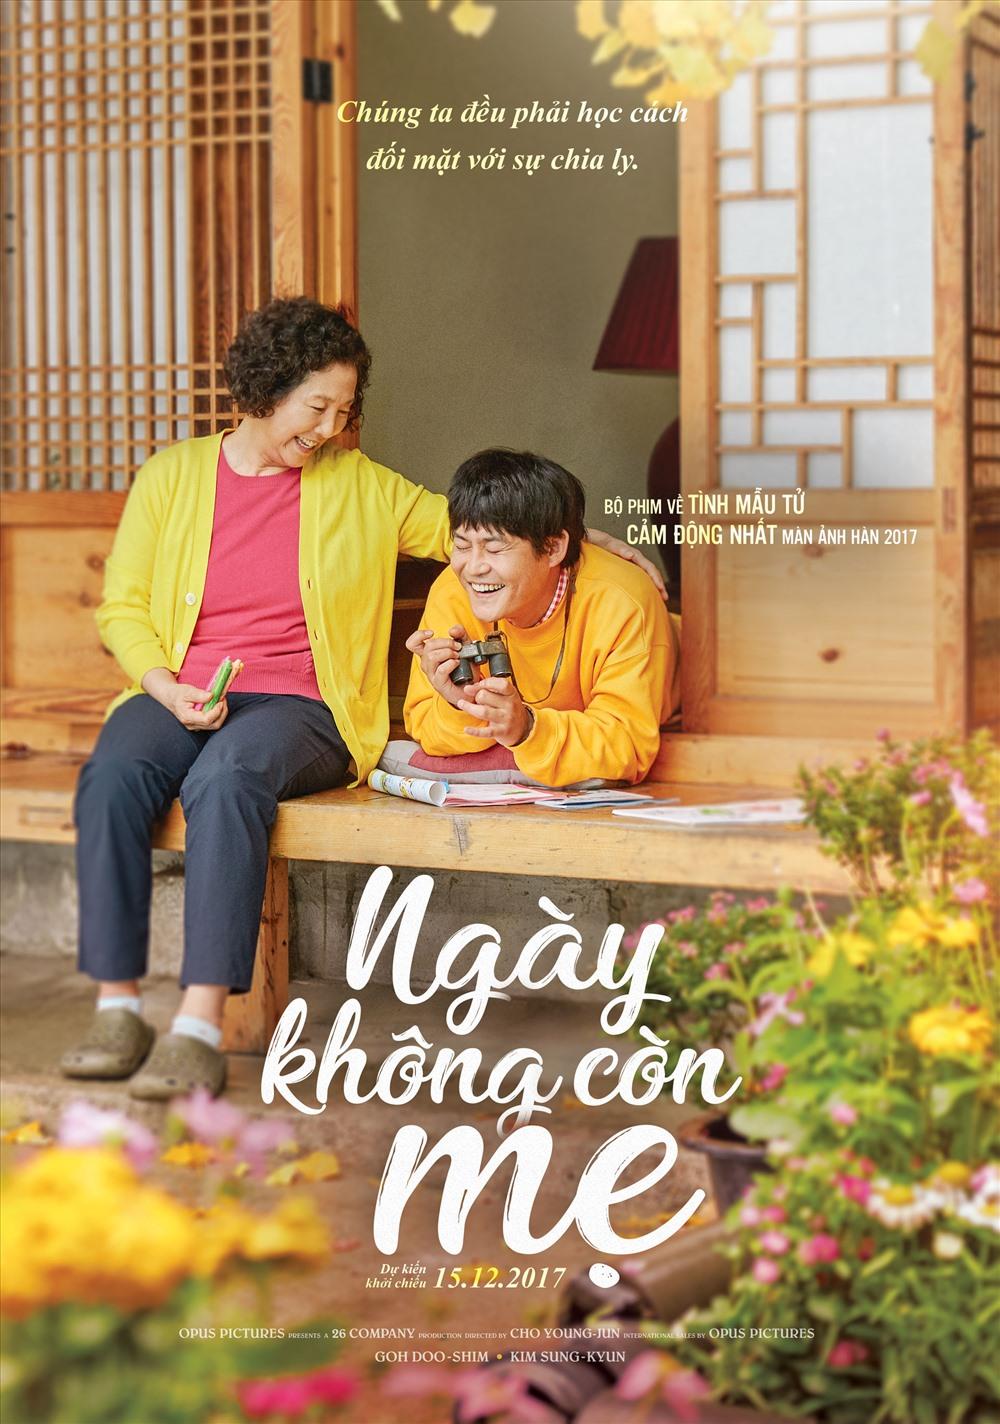 30 bộ phim Hàn Quốc hay nhất mọi thời đại bạn không nên bỏ qua:Ngày không còn mẹ